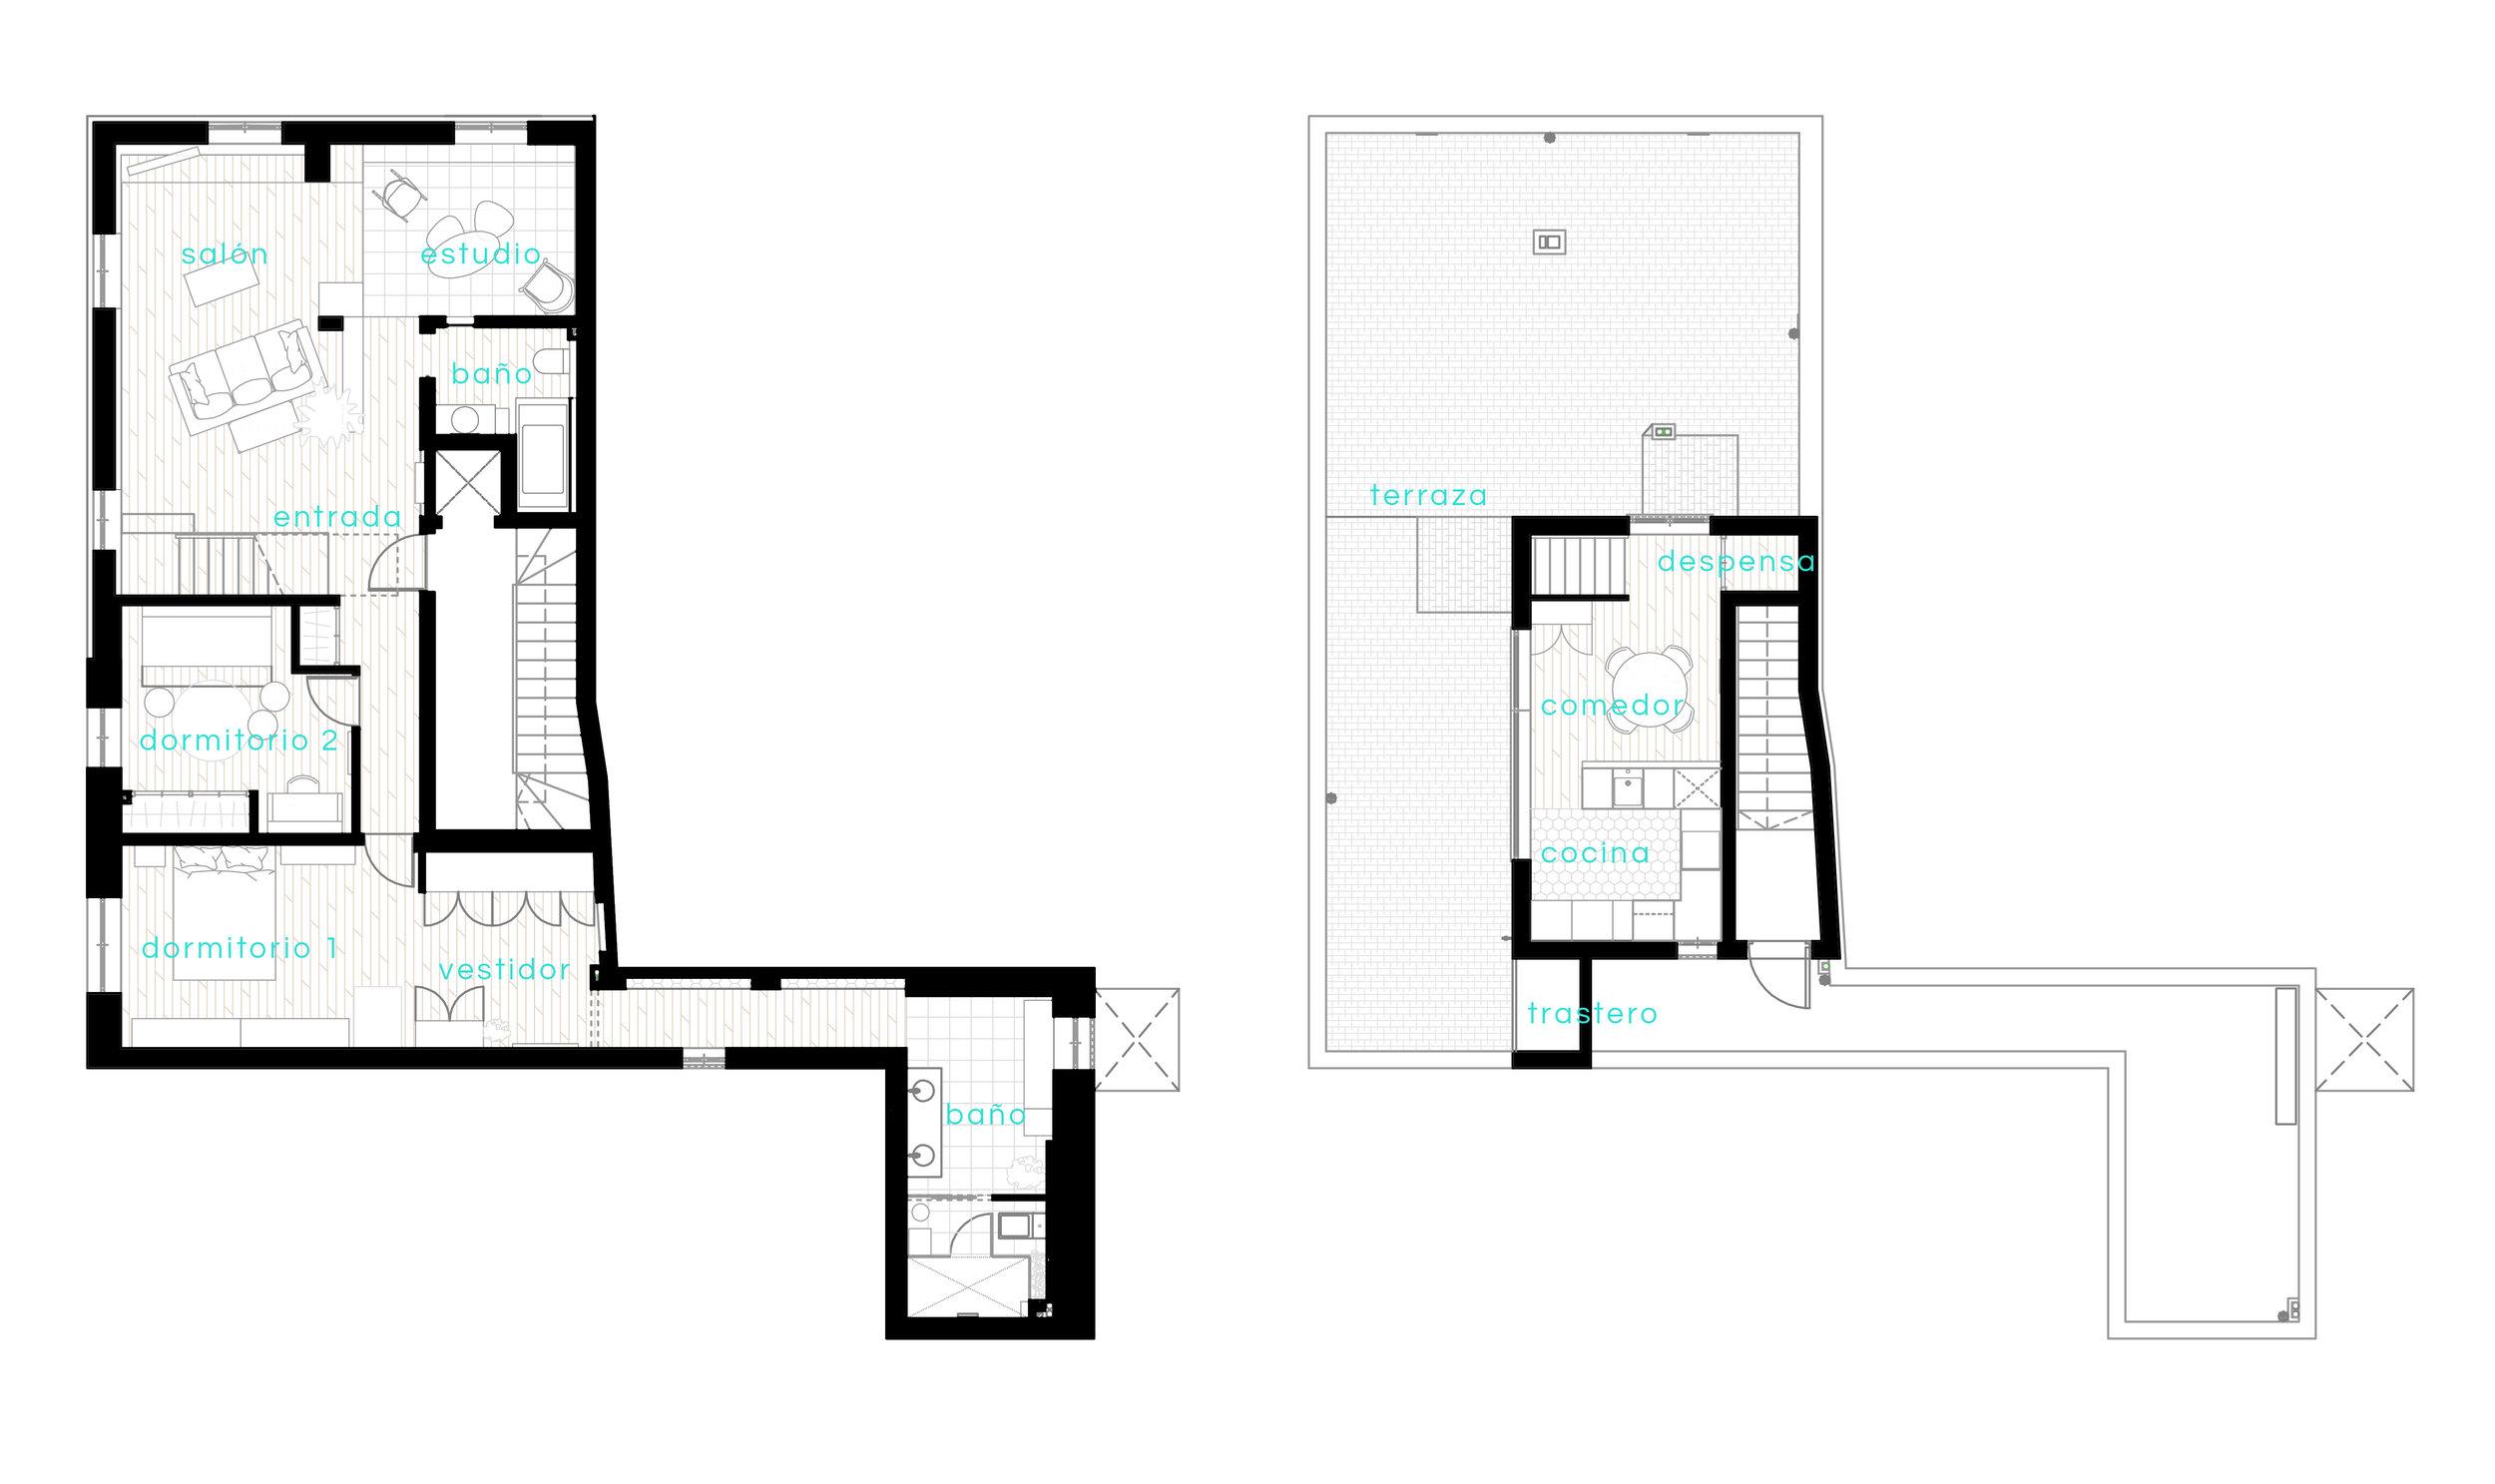 diseño reformas slow emmme studio plano proyecto el hogar de Laura y Pedro - 02 - CM.jpg